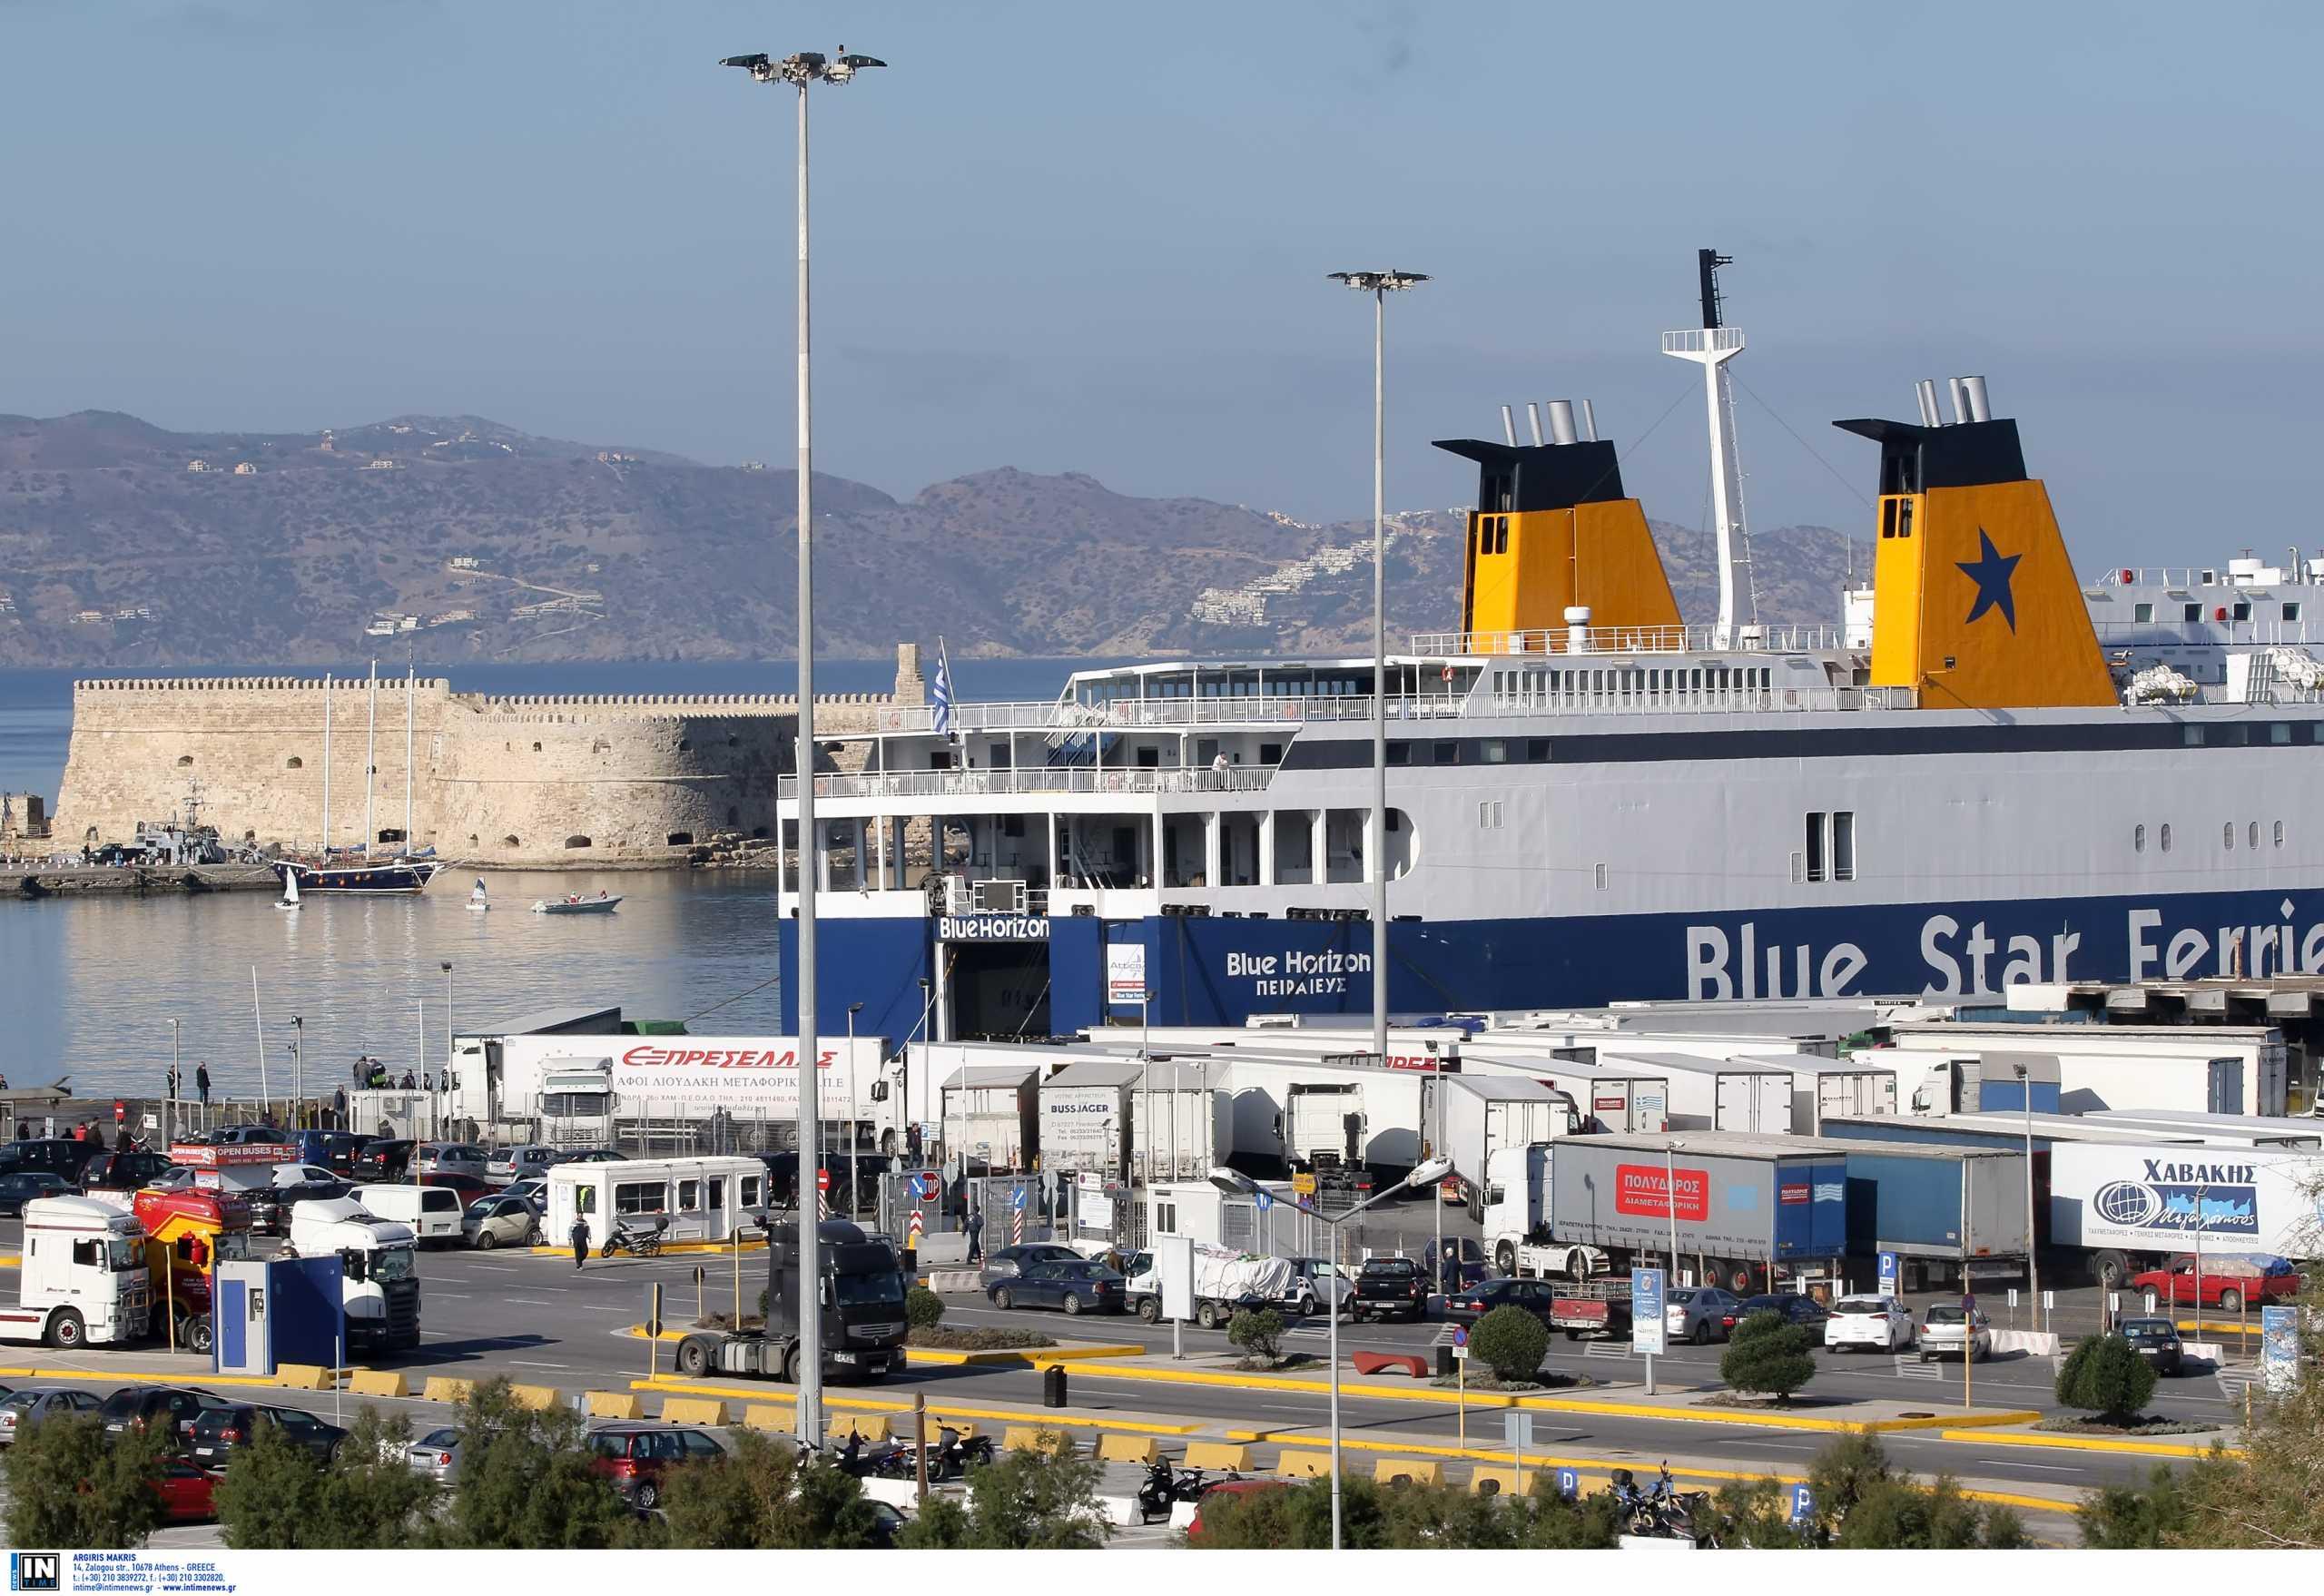 Ηράκλειο: Πάρκαρε στο γκαράζ του πλοίου και πέθανε – Τον βρήκαν νεκρό λίγο πριν την αναχώρηση